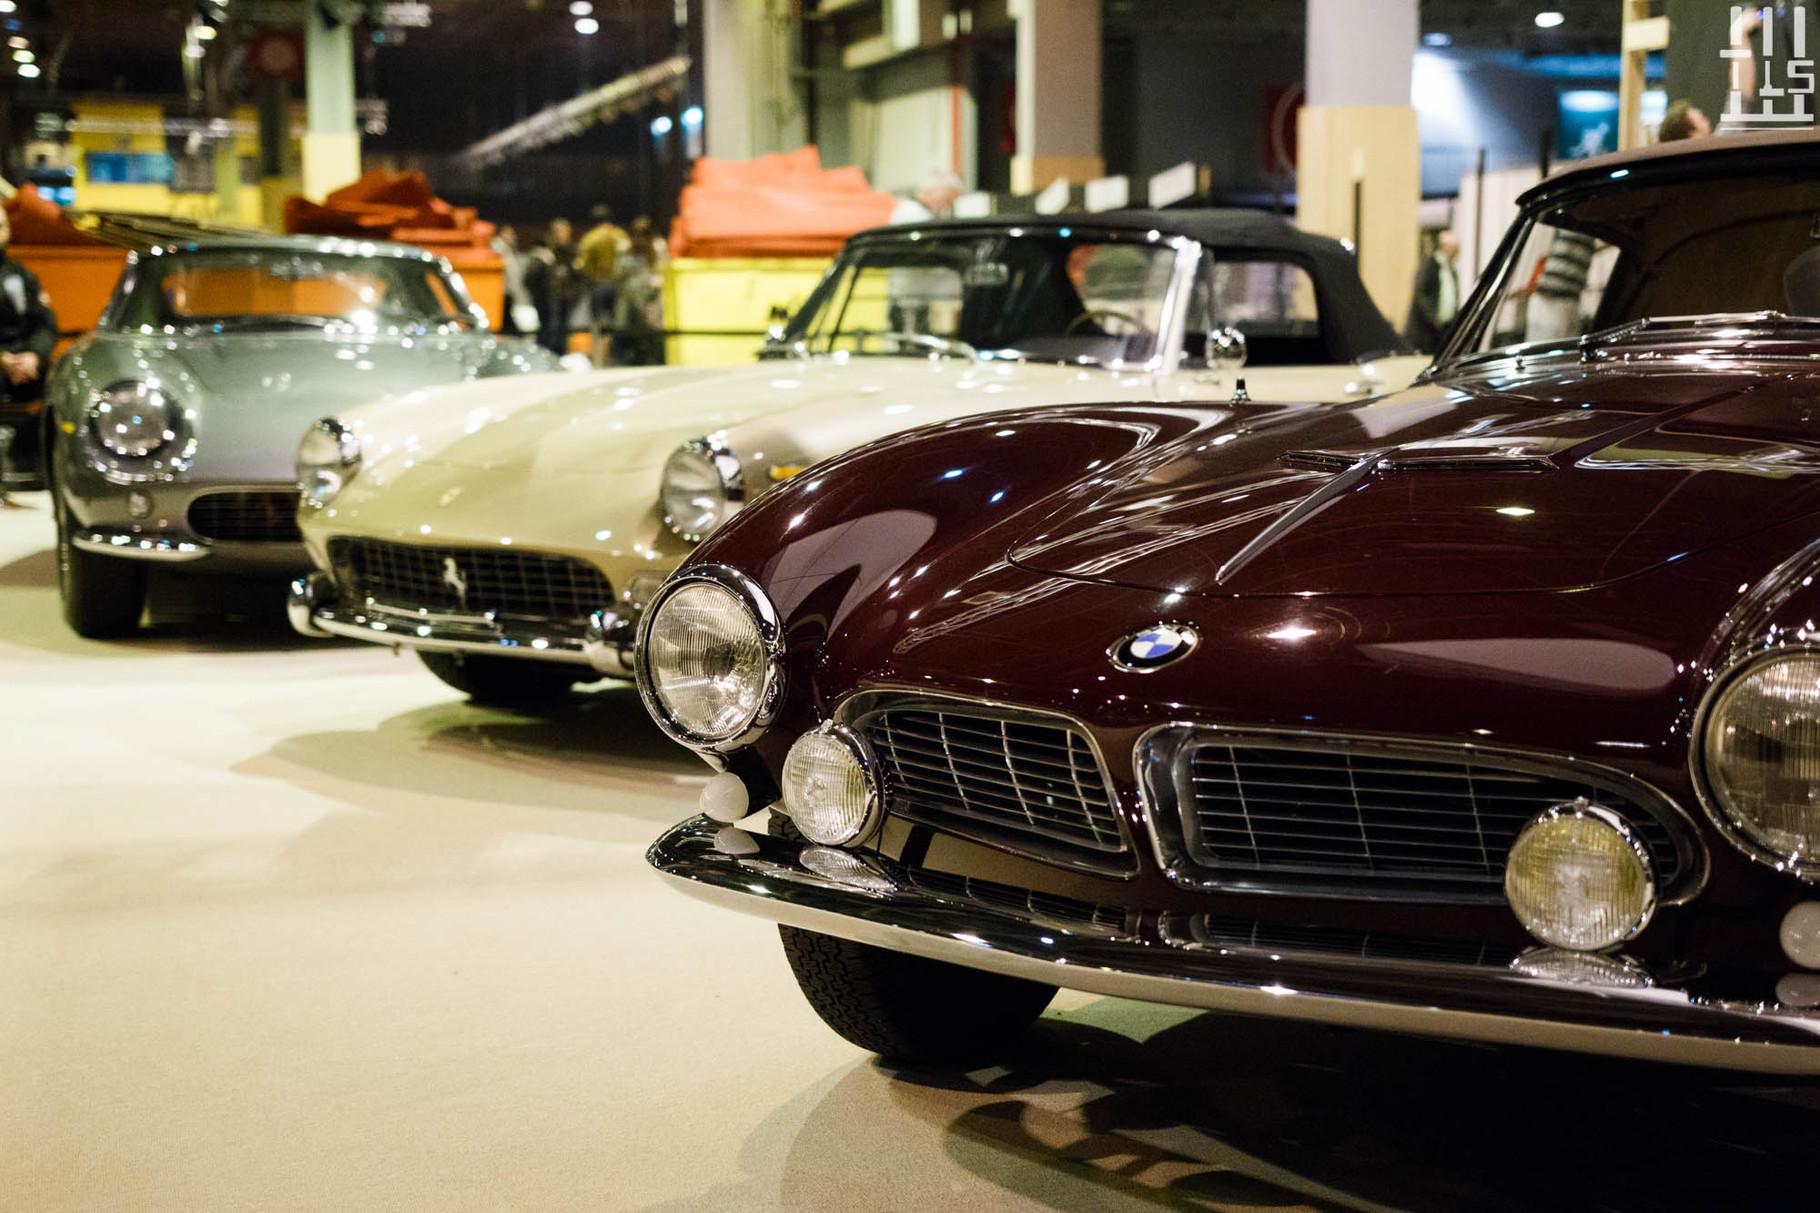 La Ferrari 275 GTS qui l'accompagne également.